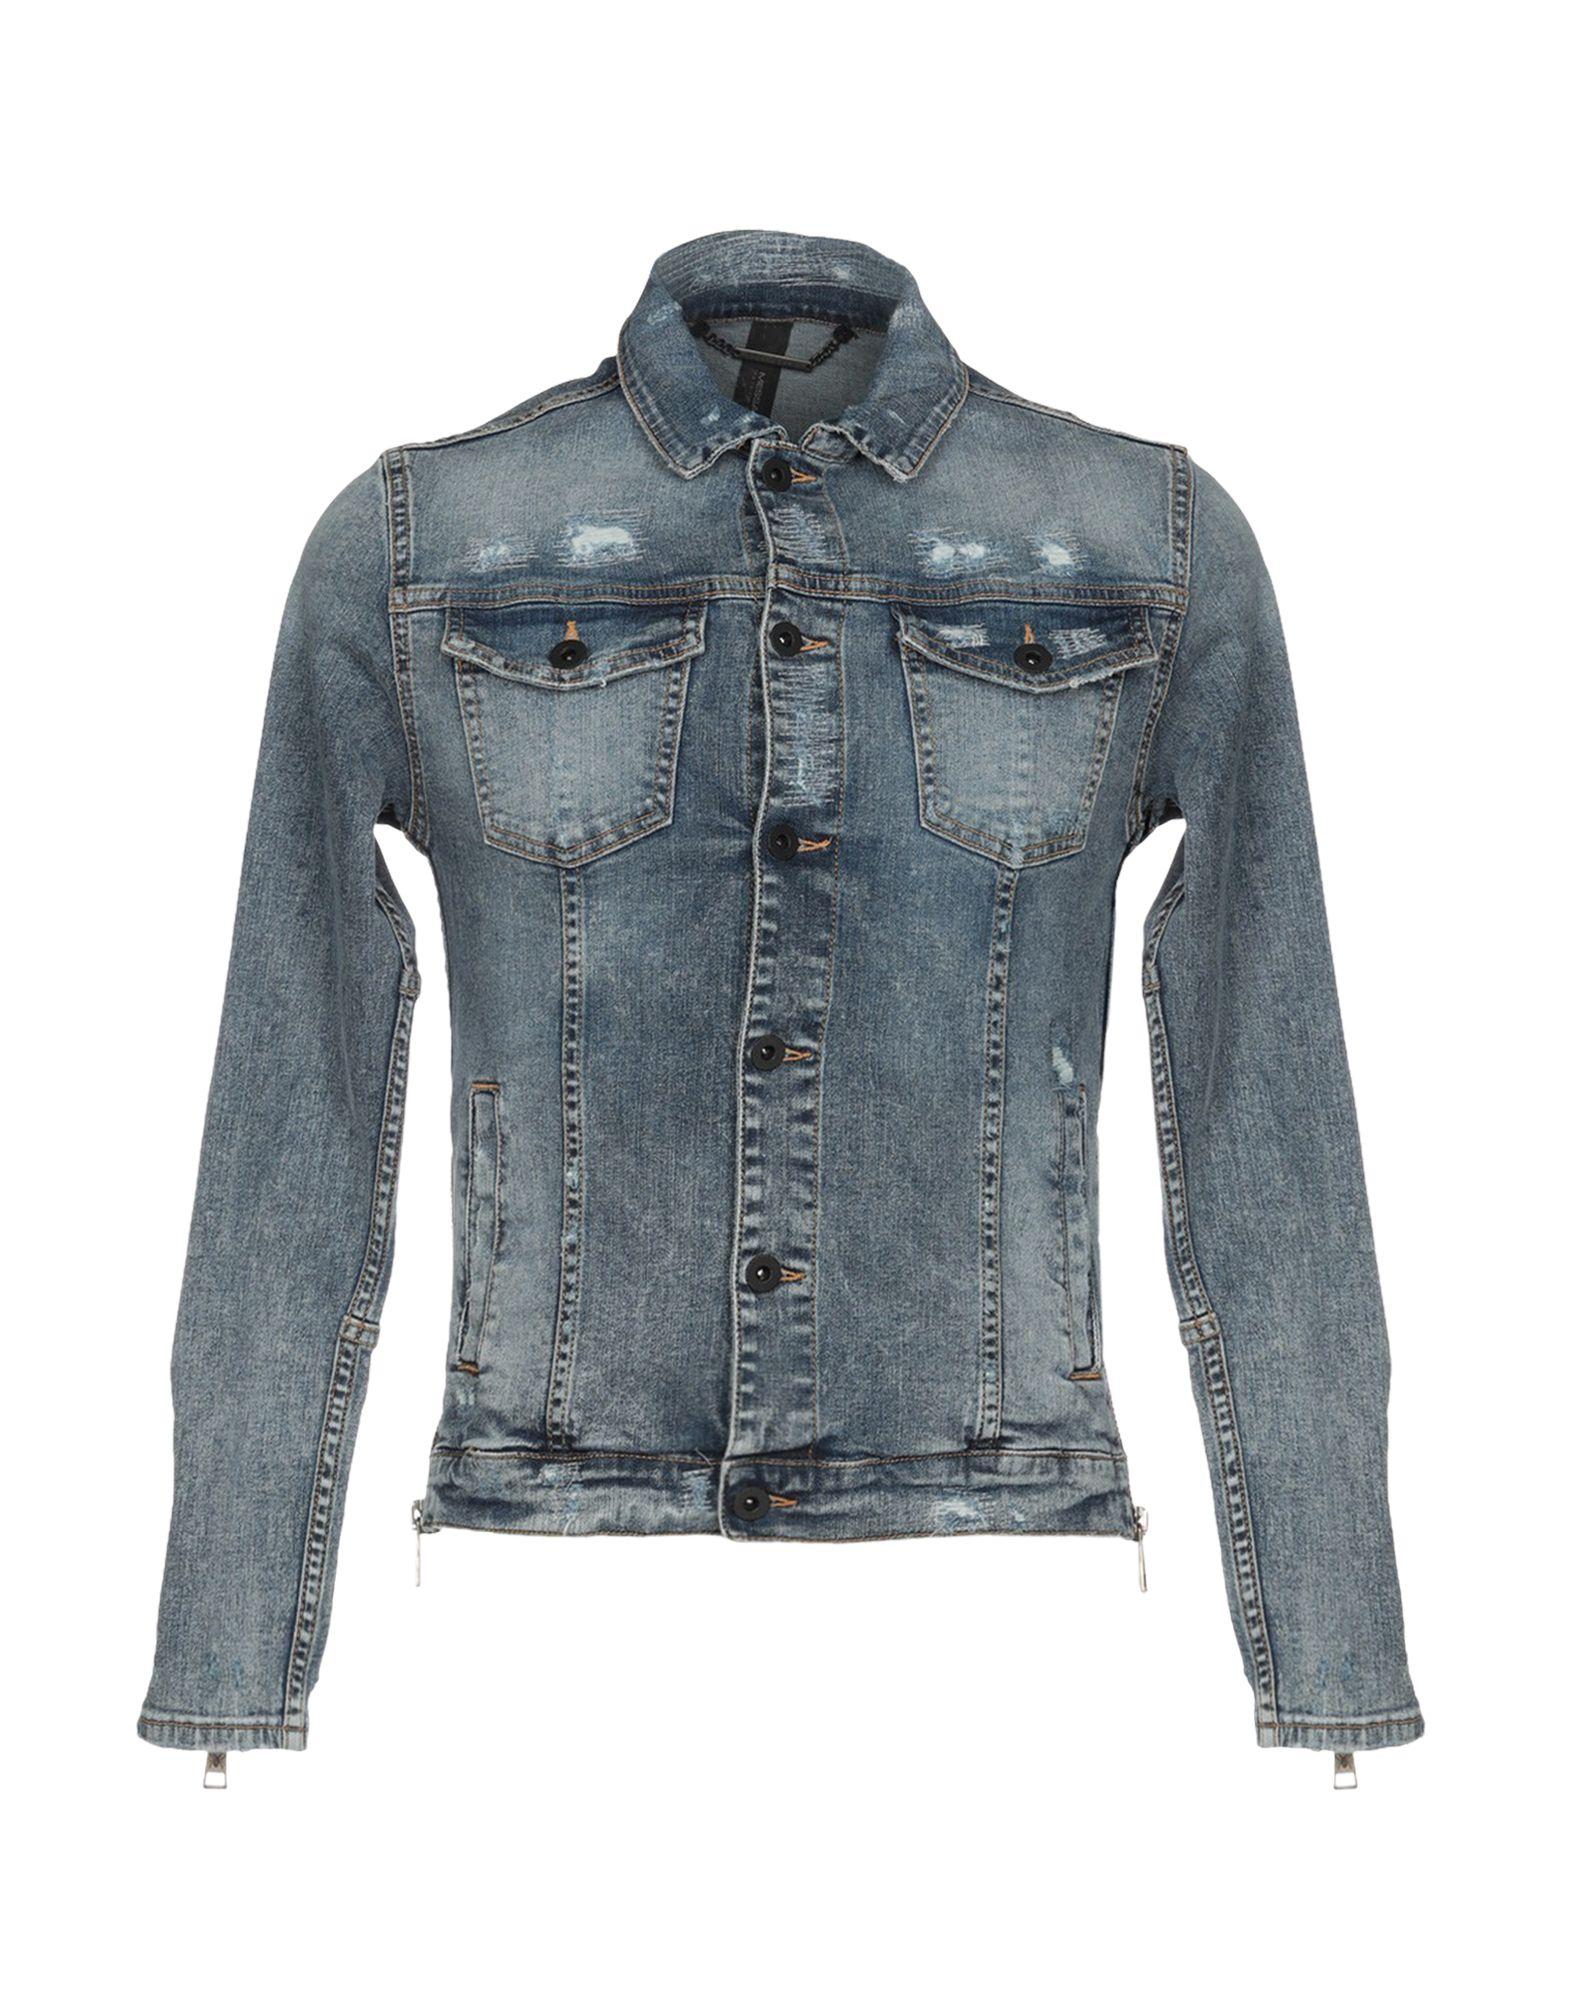 Фото - MESSAGERIE Джинсовая верхняя одежда messagerie джинсовая верхняя одежда